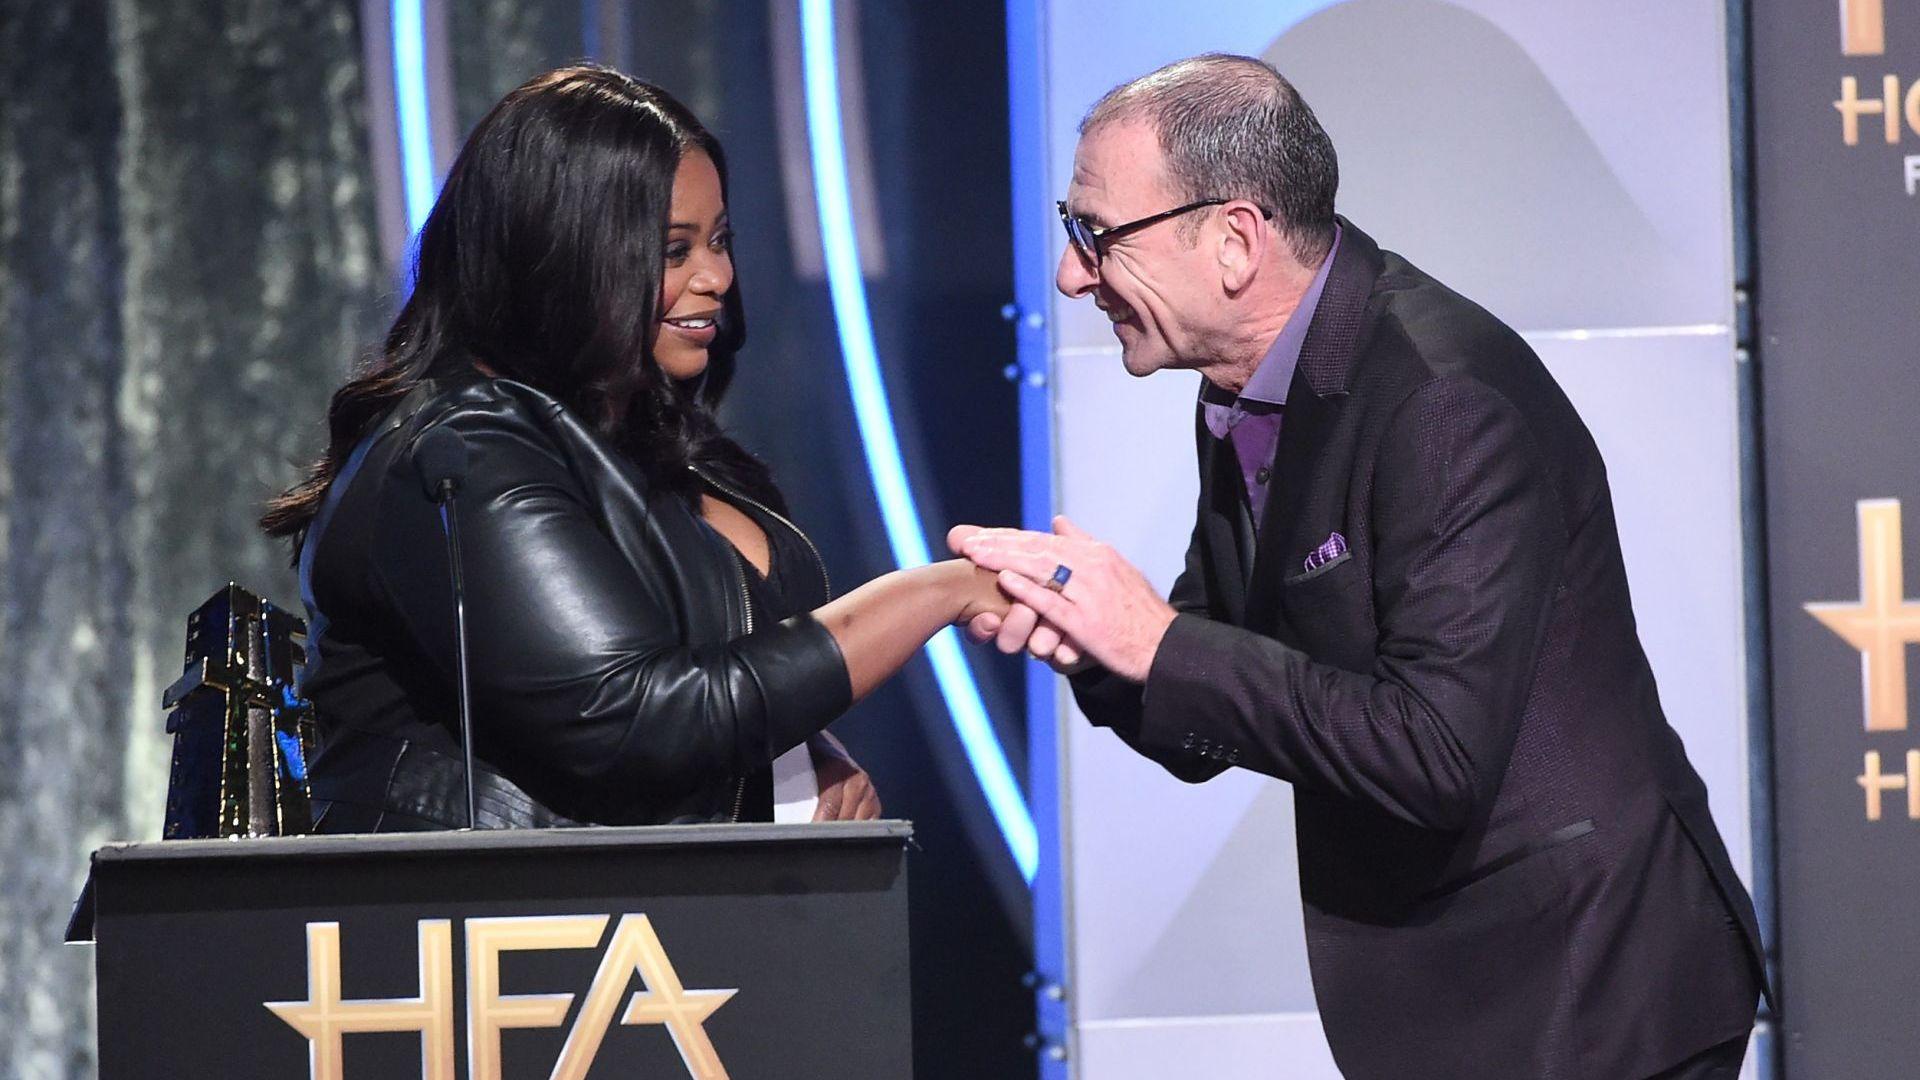 """Димитър получава от Октавия Спенсър наградата на Гилдията на филмовите актьори за """"Най-добро изпълнение на актьорски състав"""""""